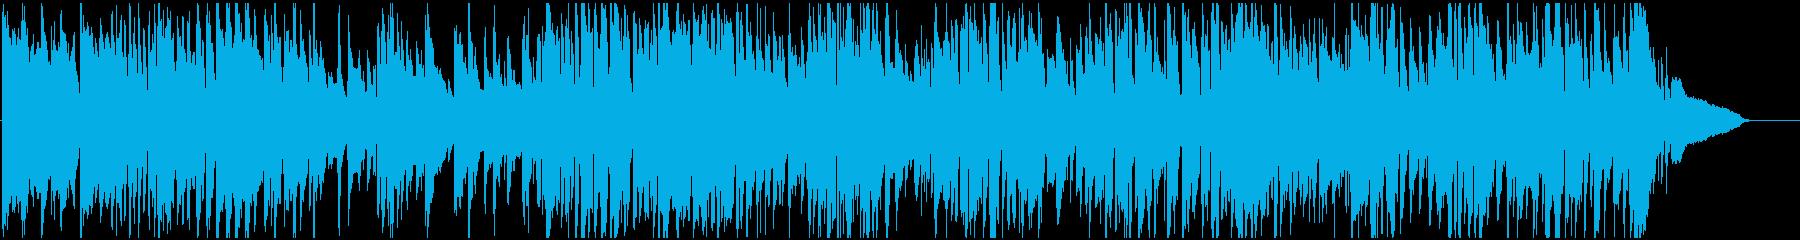 不思議でおっちょこちょいな雰囲気のジャズの再生済みの波形